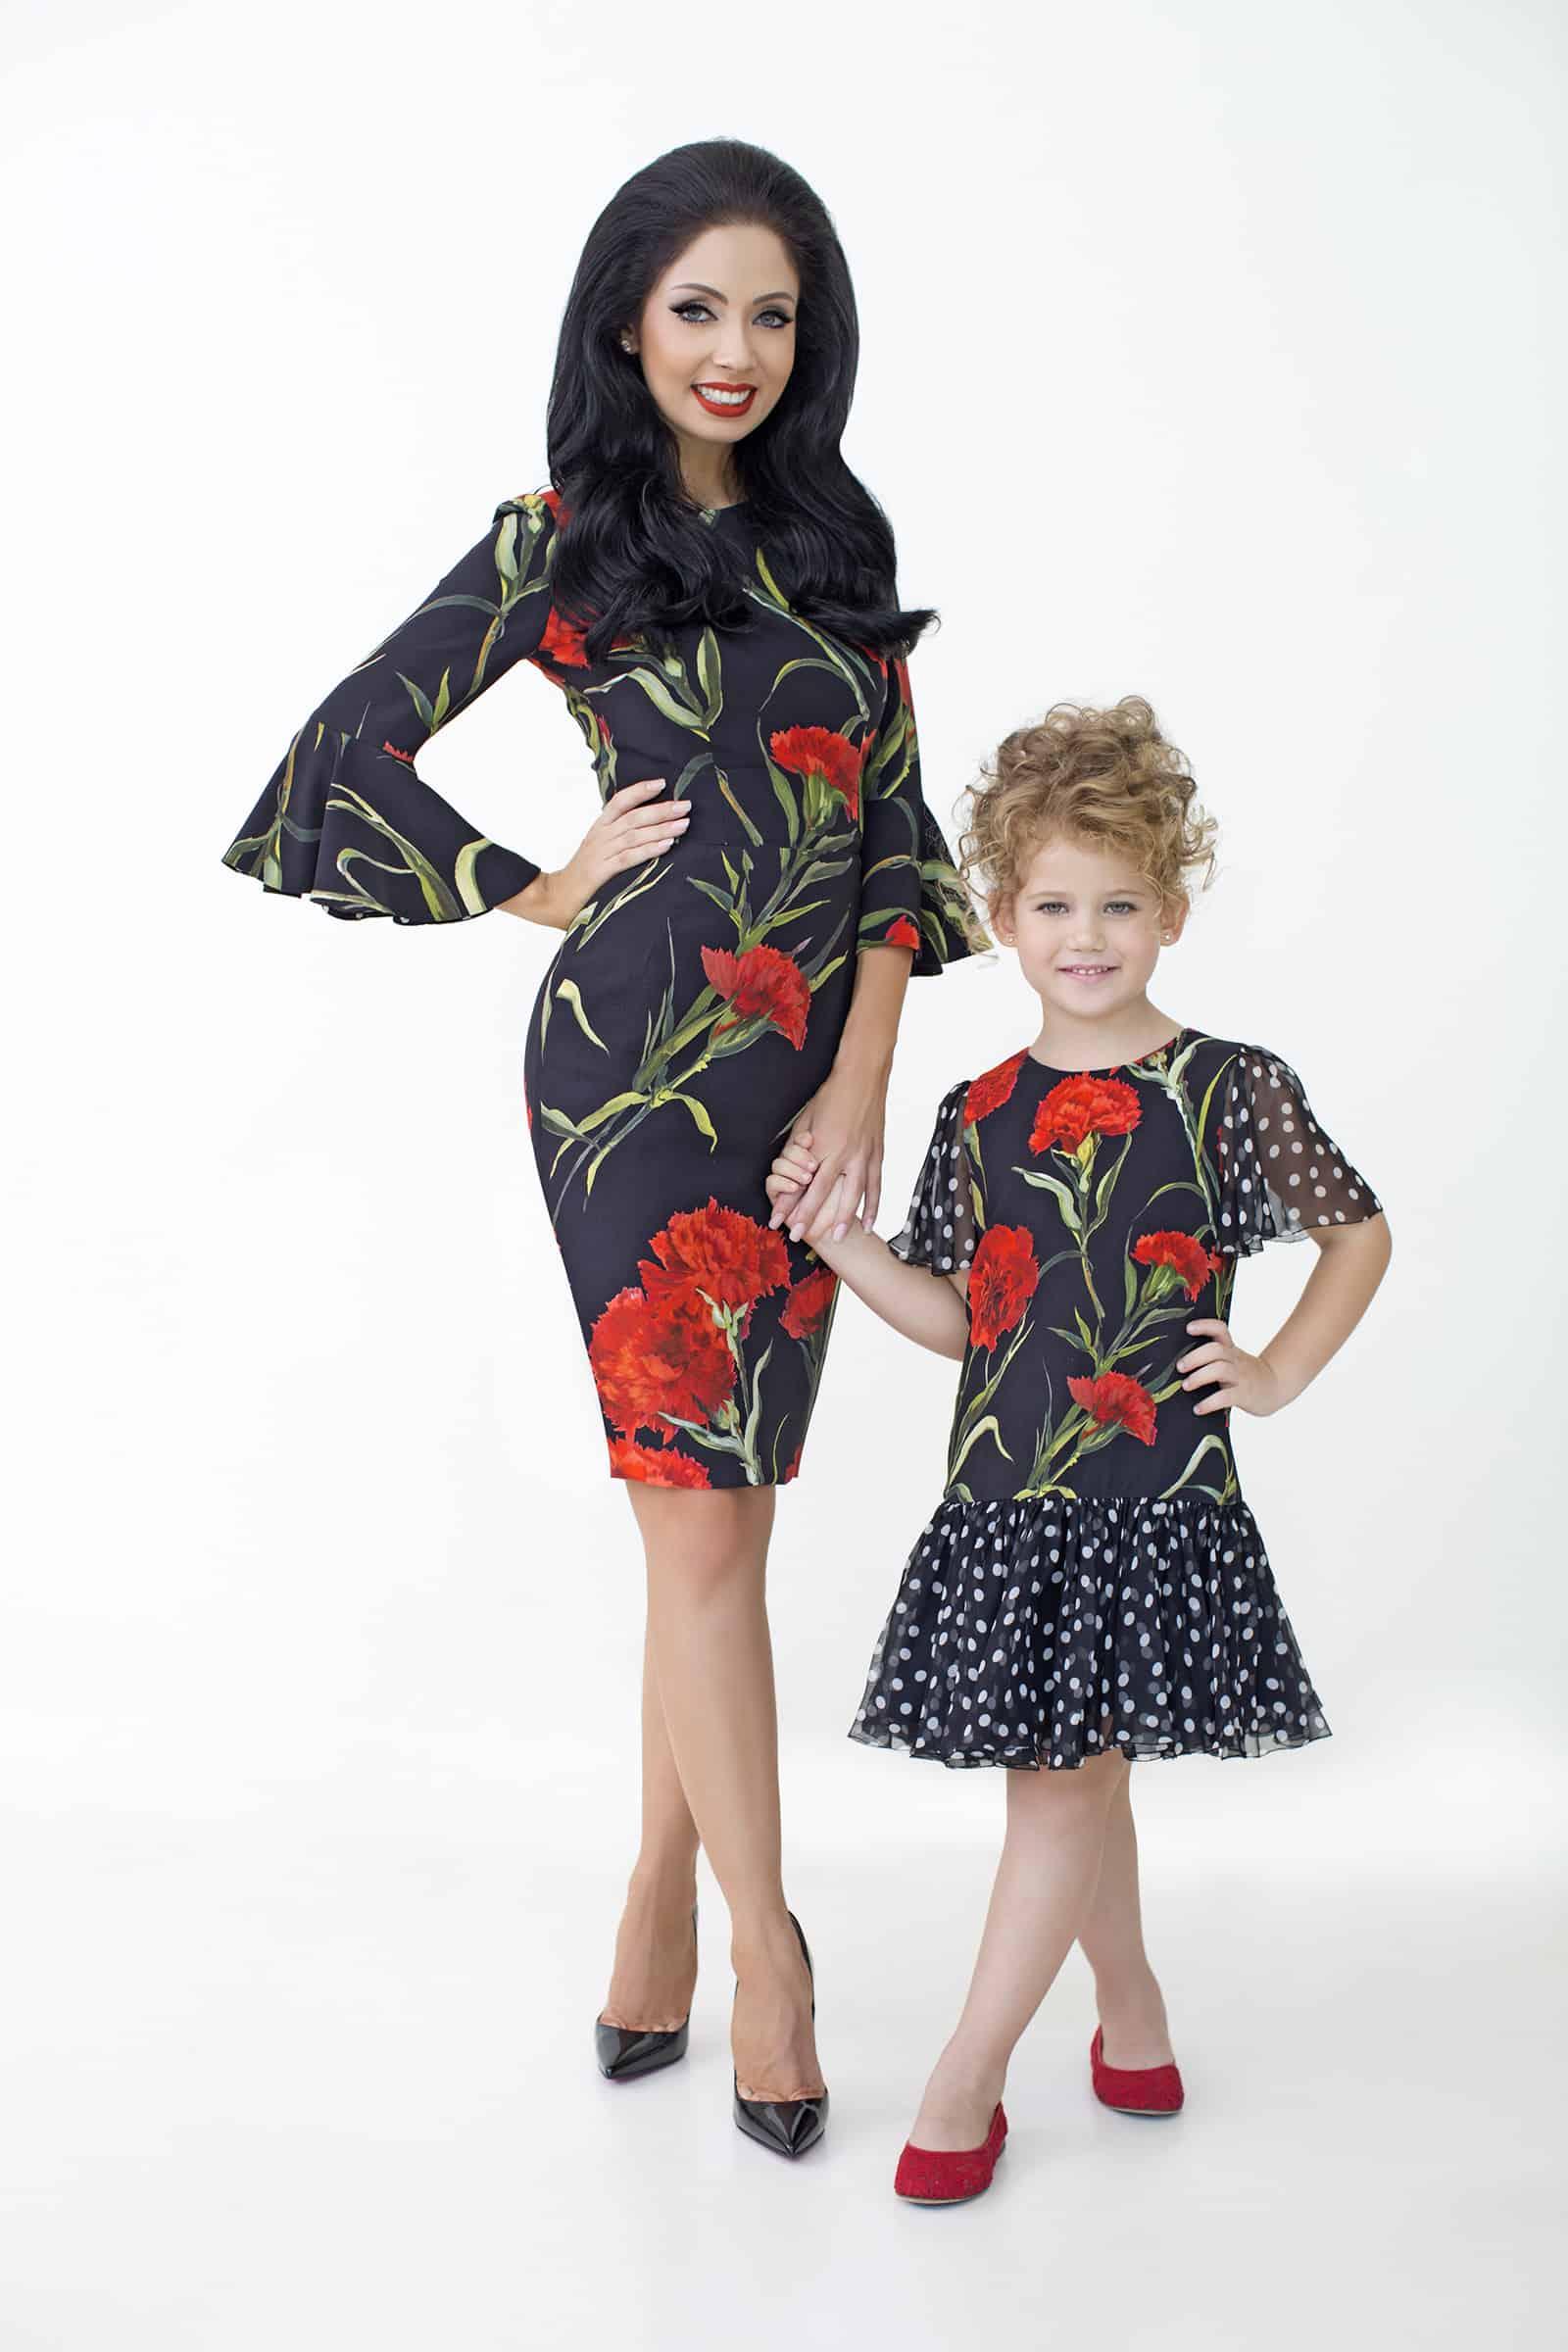 ניקול ראידמן ובתה מישל צילום אלכס ליפקין (9)